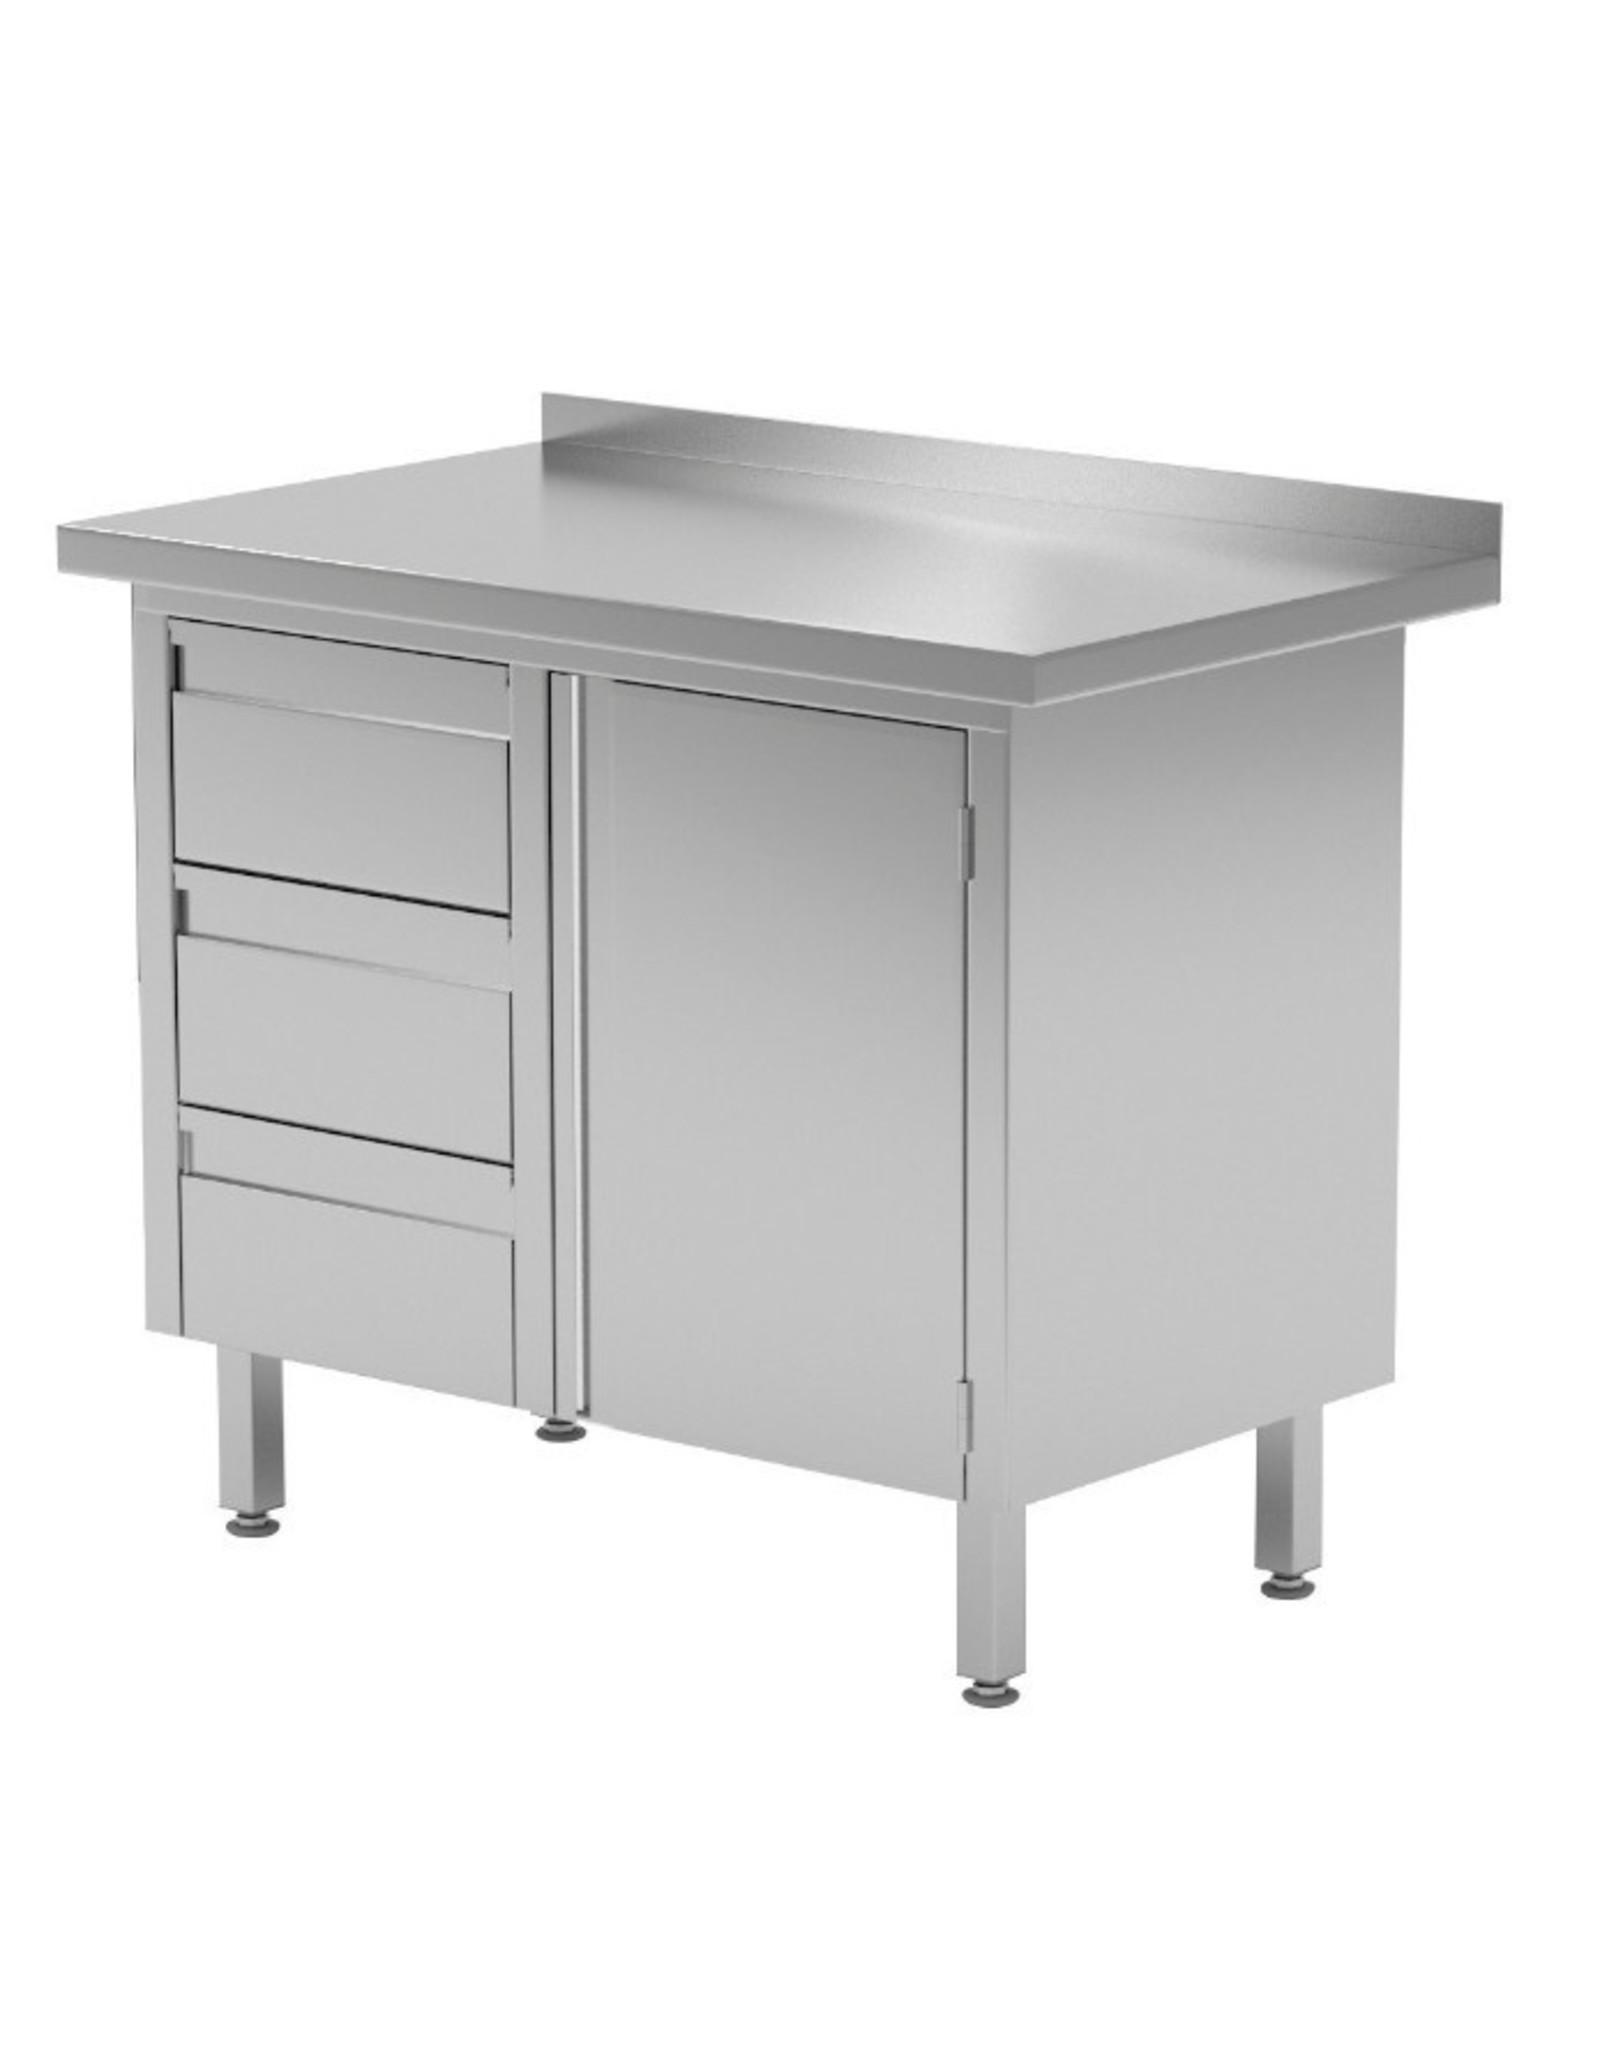 Werktafel met 3 lades links en klapdeur | 830-1000mm breed | 600 of 700mm diep